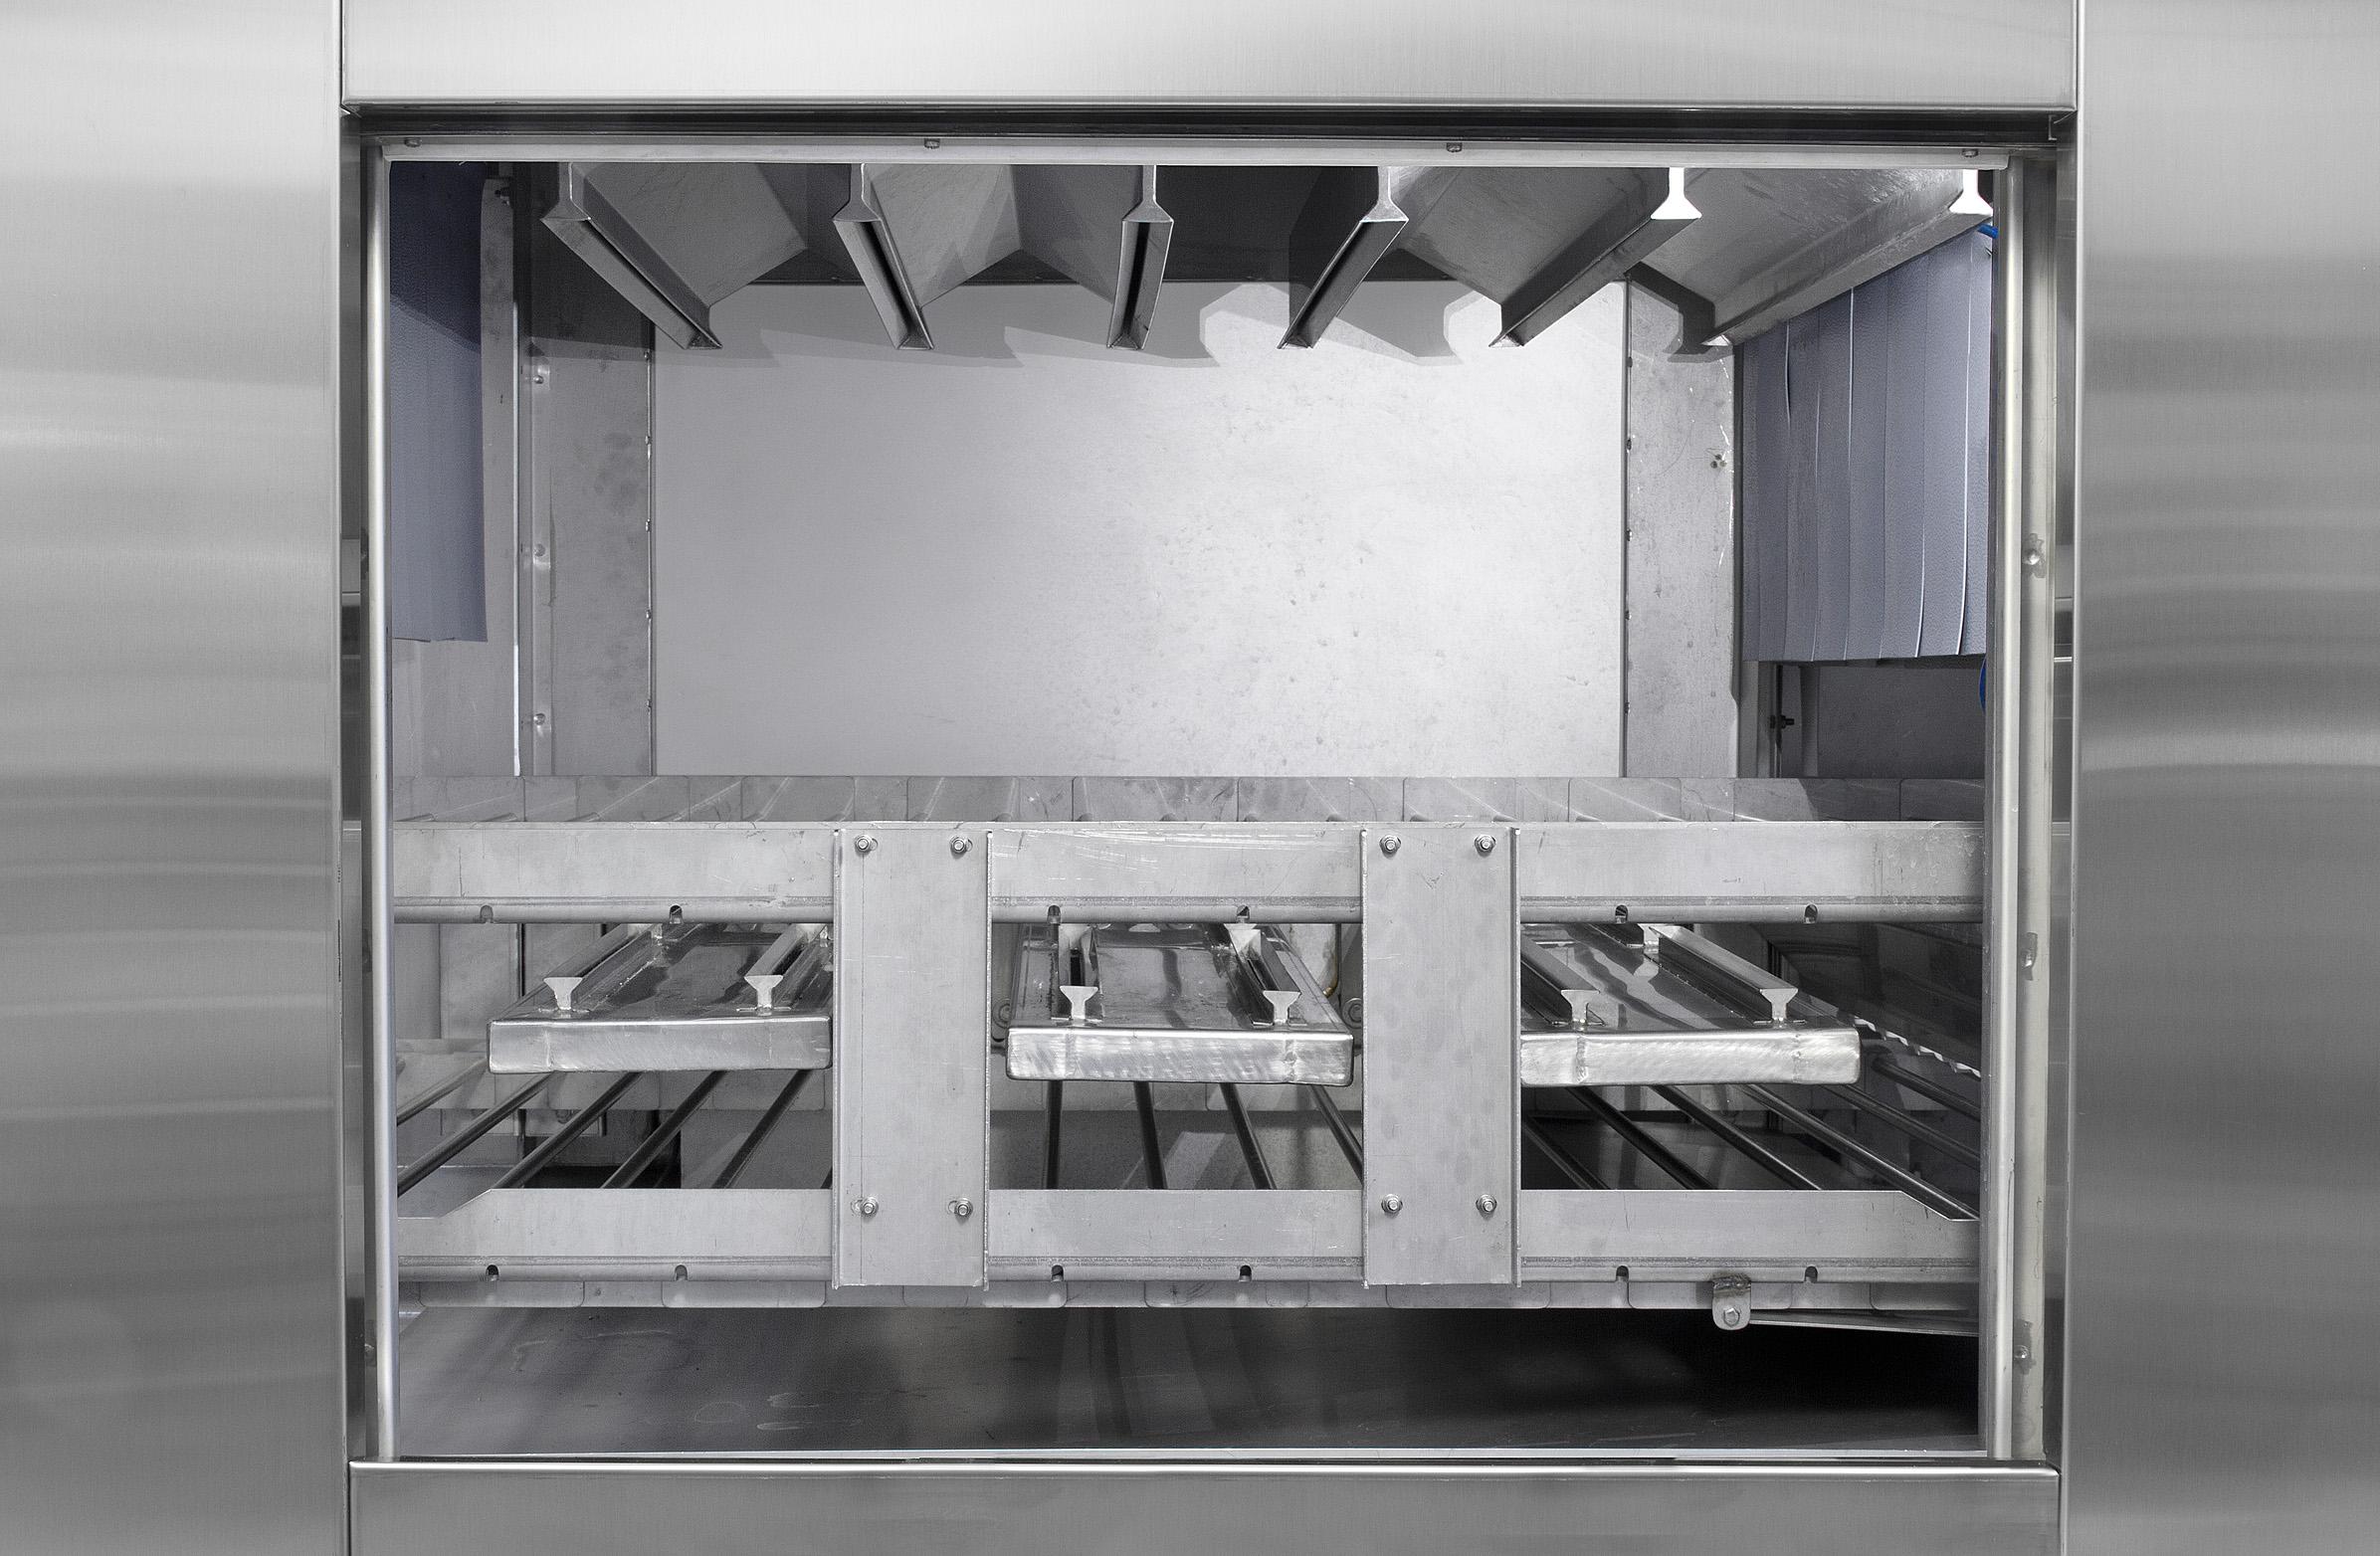 AC 3500 drying chamber_2.jpg